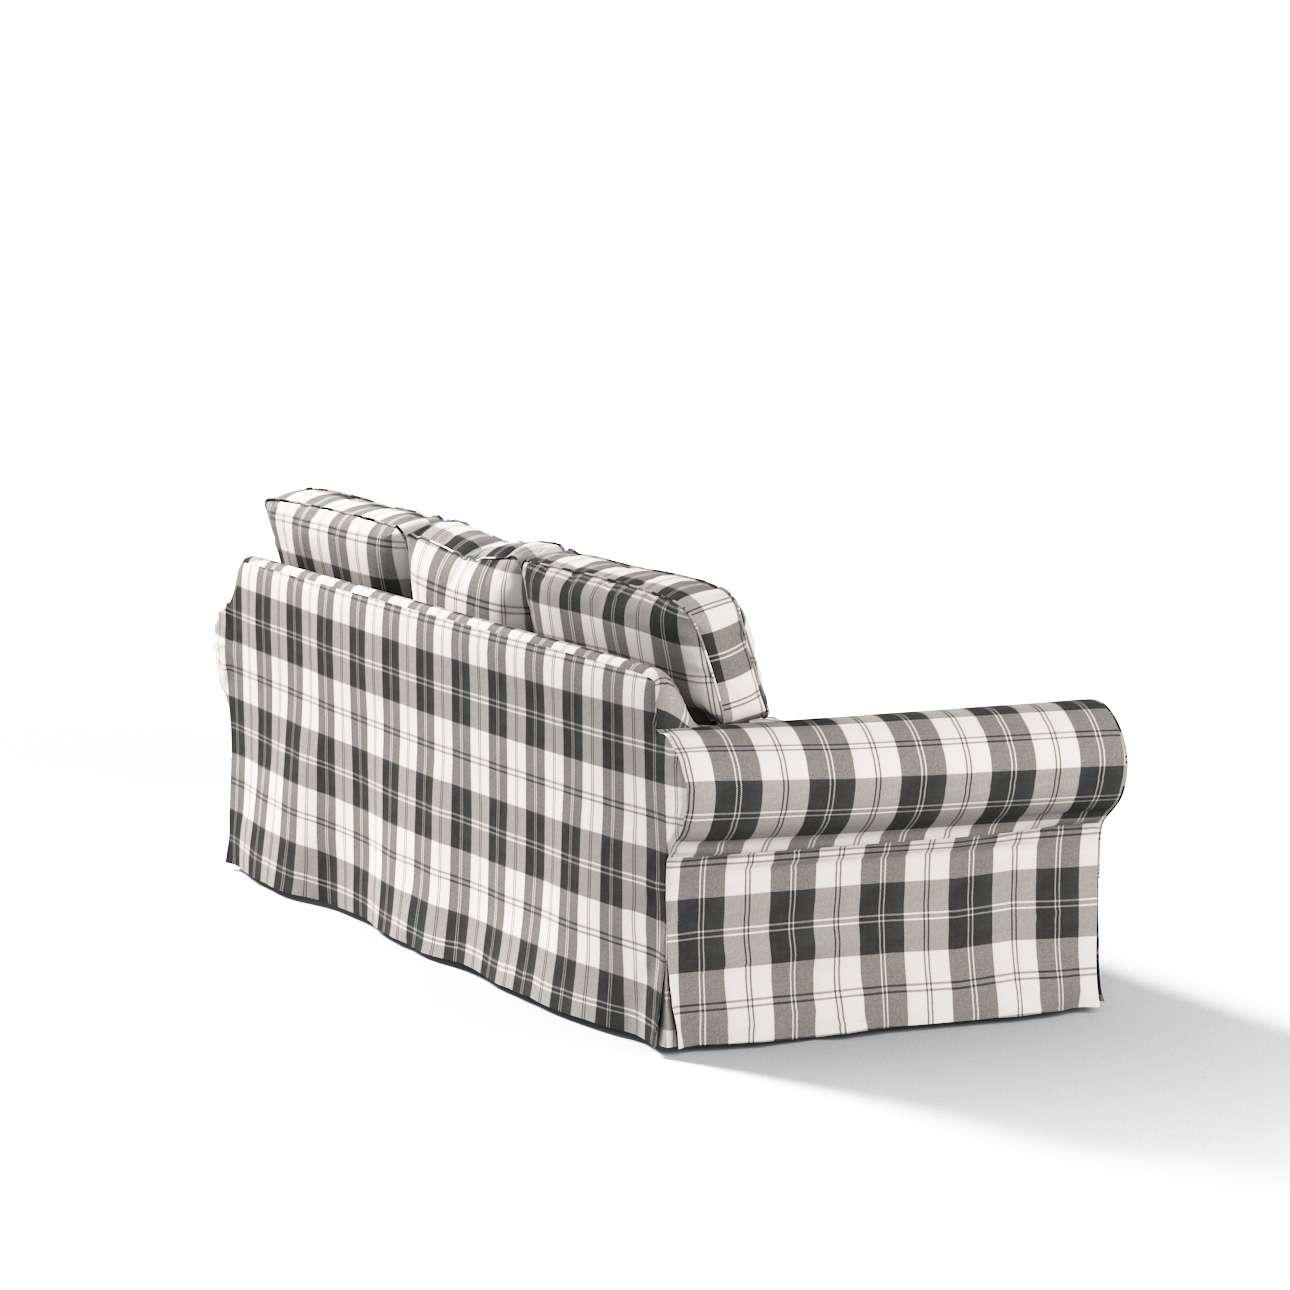 Potah na pohovku IKEA  Ektorp 3-místná, nerozkládací pohovka Ektorp 3-místná v kolekci Edinburgh, látka: 115-74